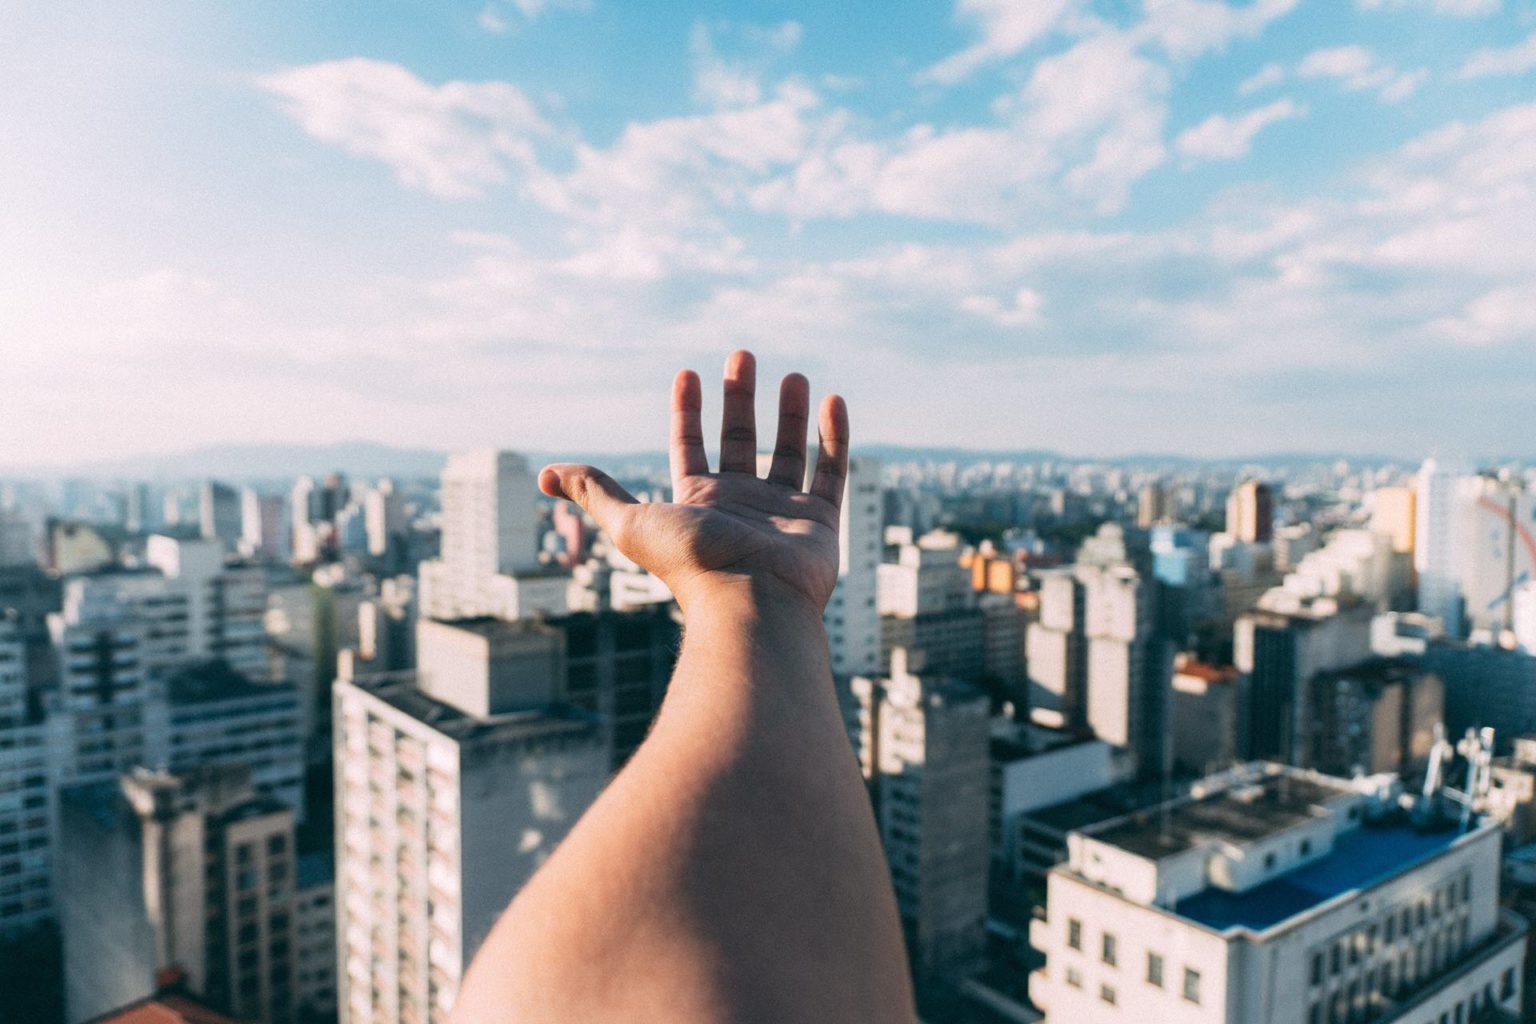 background thành phố đẹp hiện đại đưa bàn tay